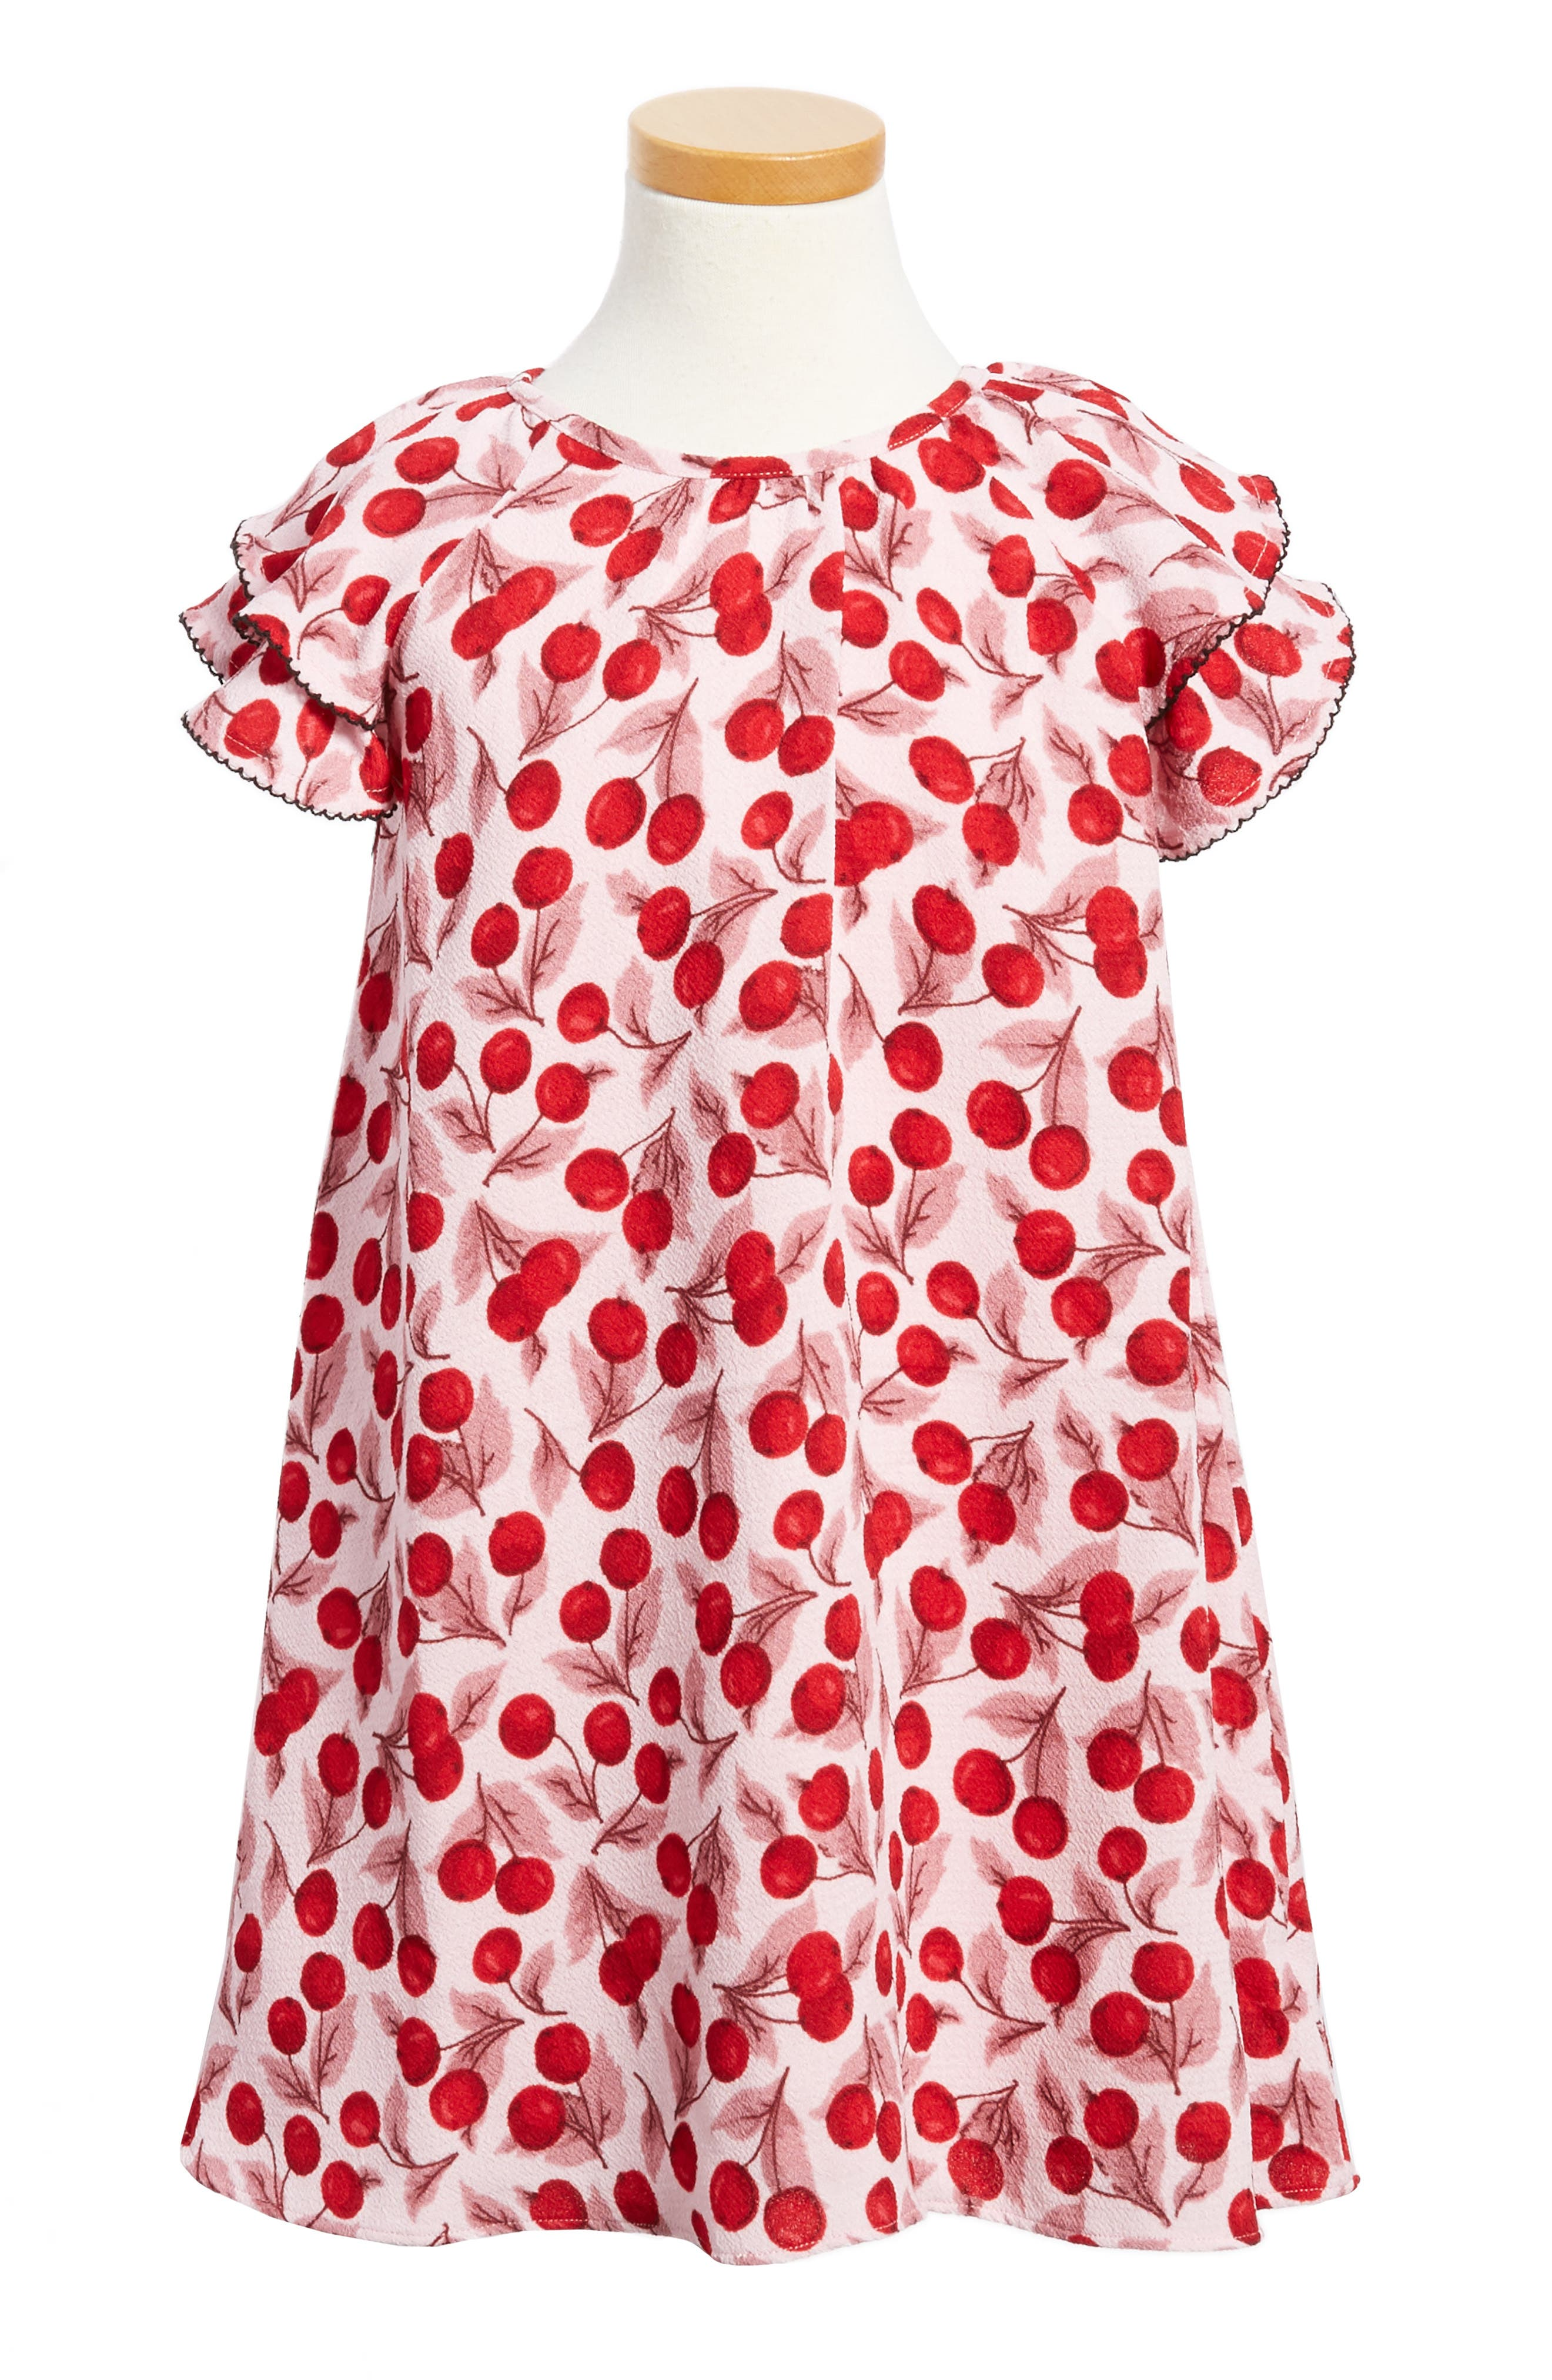 Alternate Image 1 Selected - kate spade new york cherry print flutter sleeve dress (Toddler Girls & Little Girls)